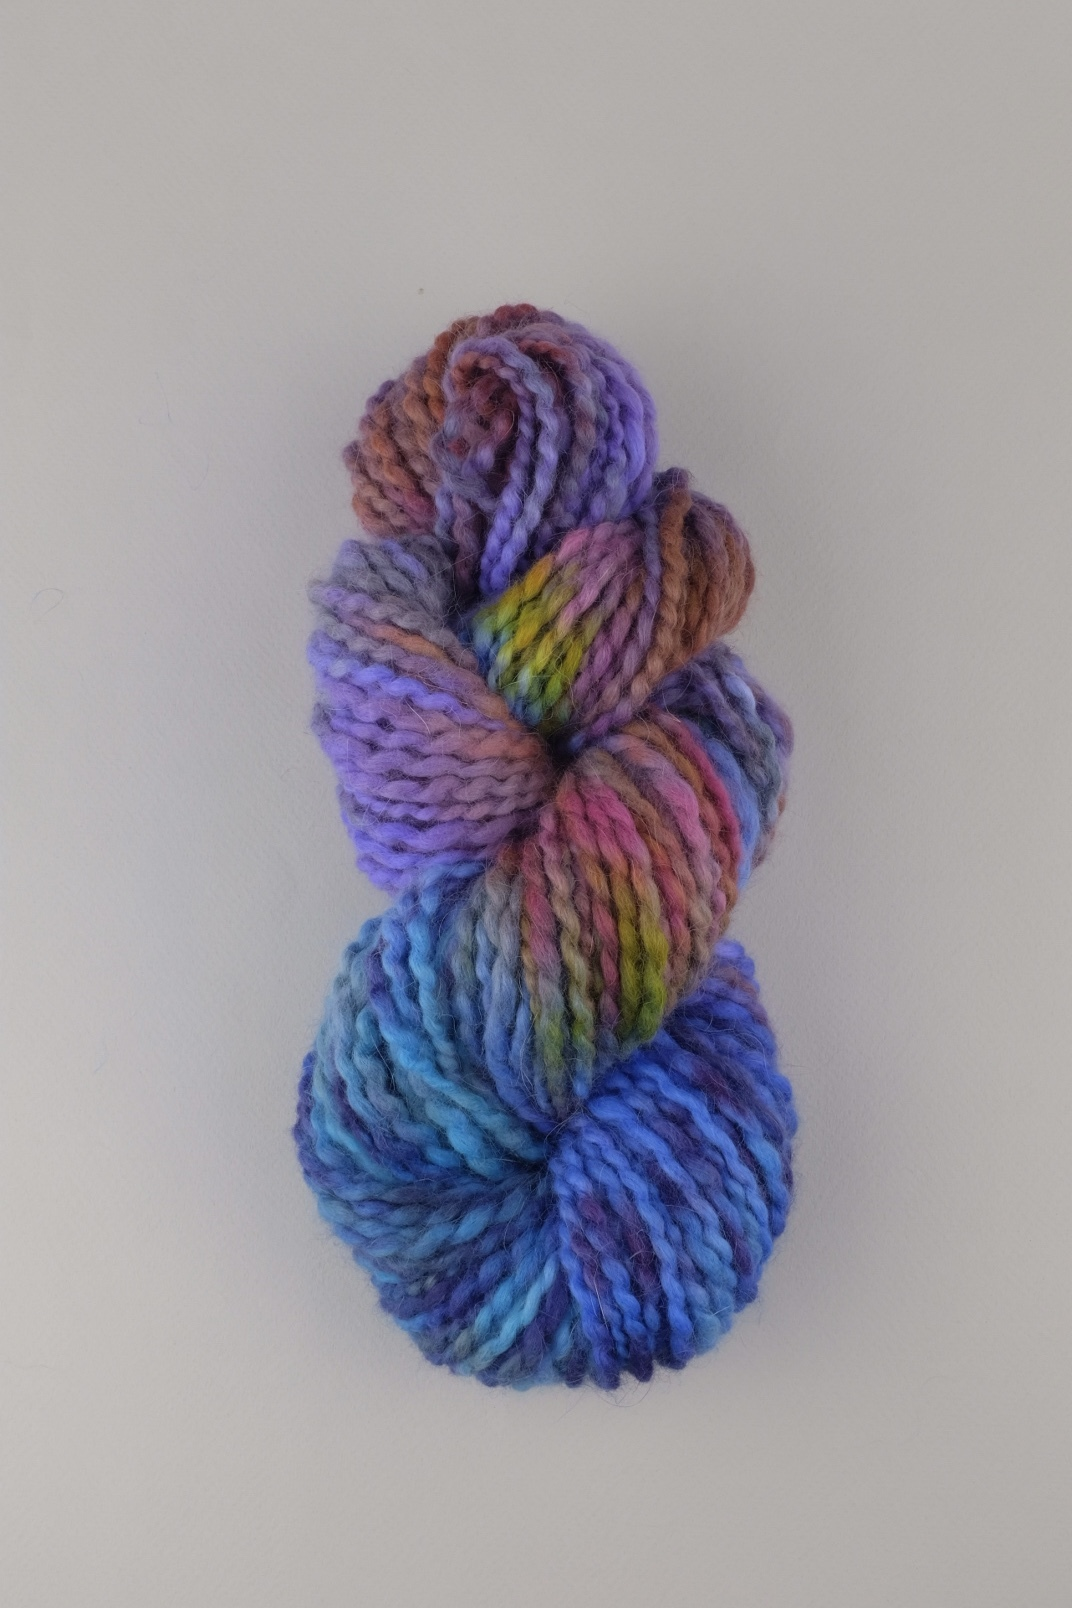 Пряжа из ангоры ручного прядения и секционного окрашивания, цвет голубая, сиреневая меланж